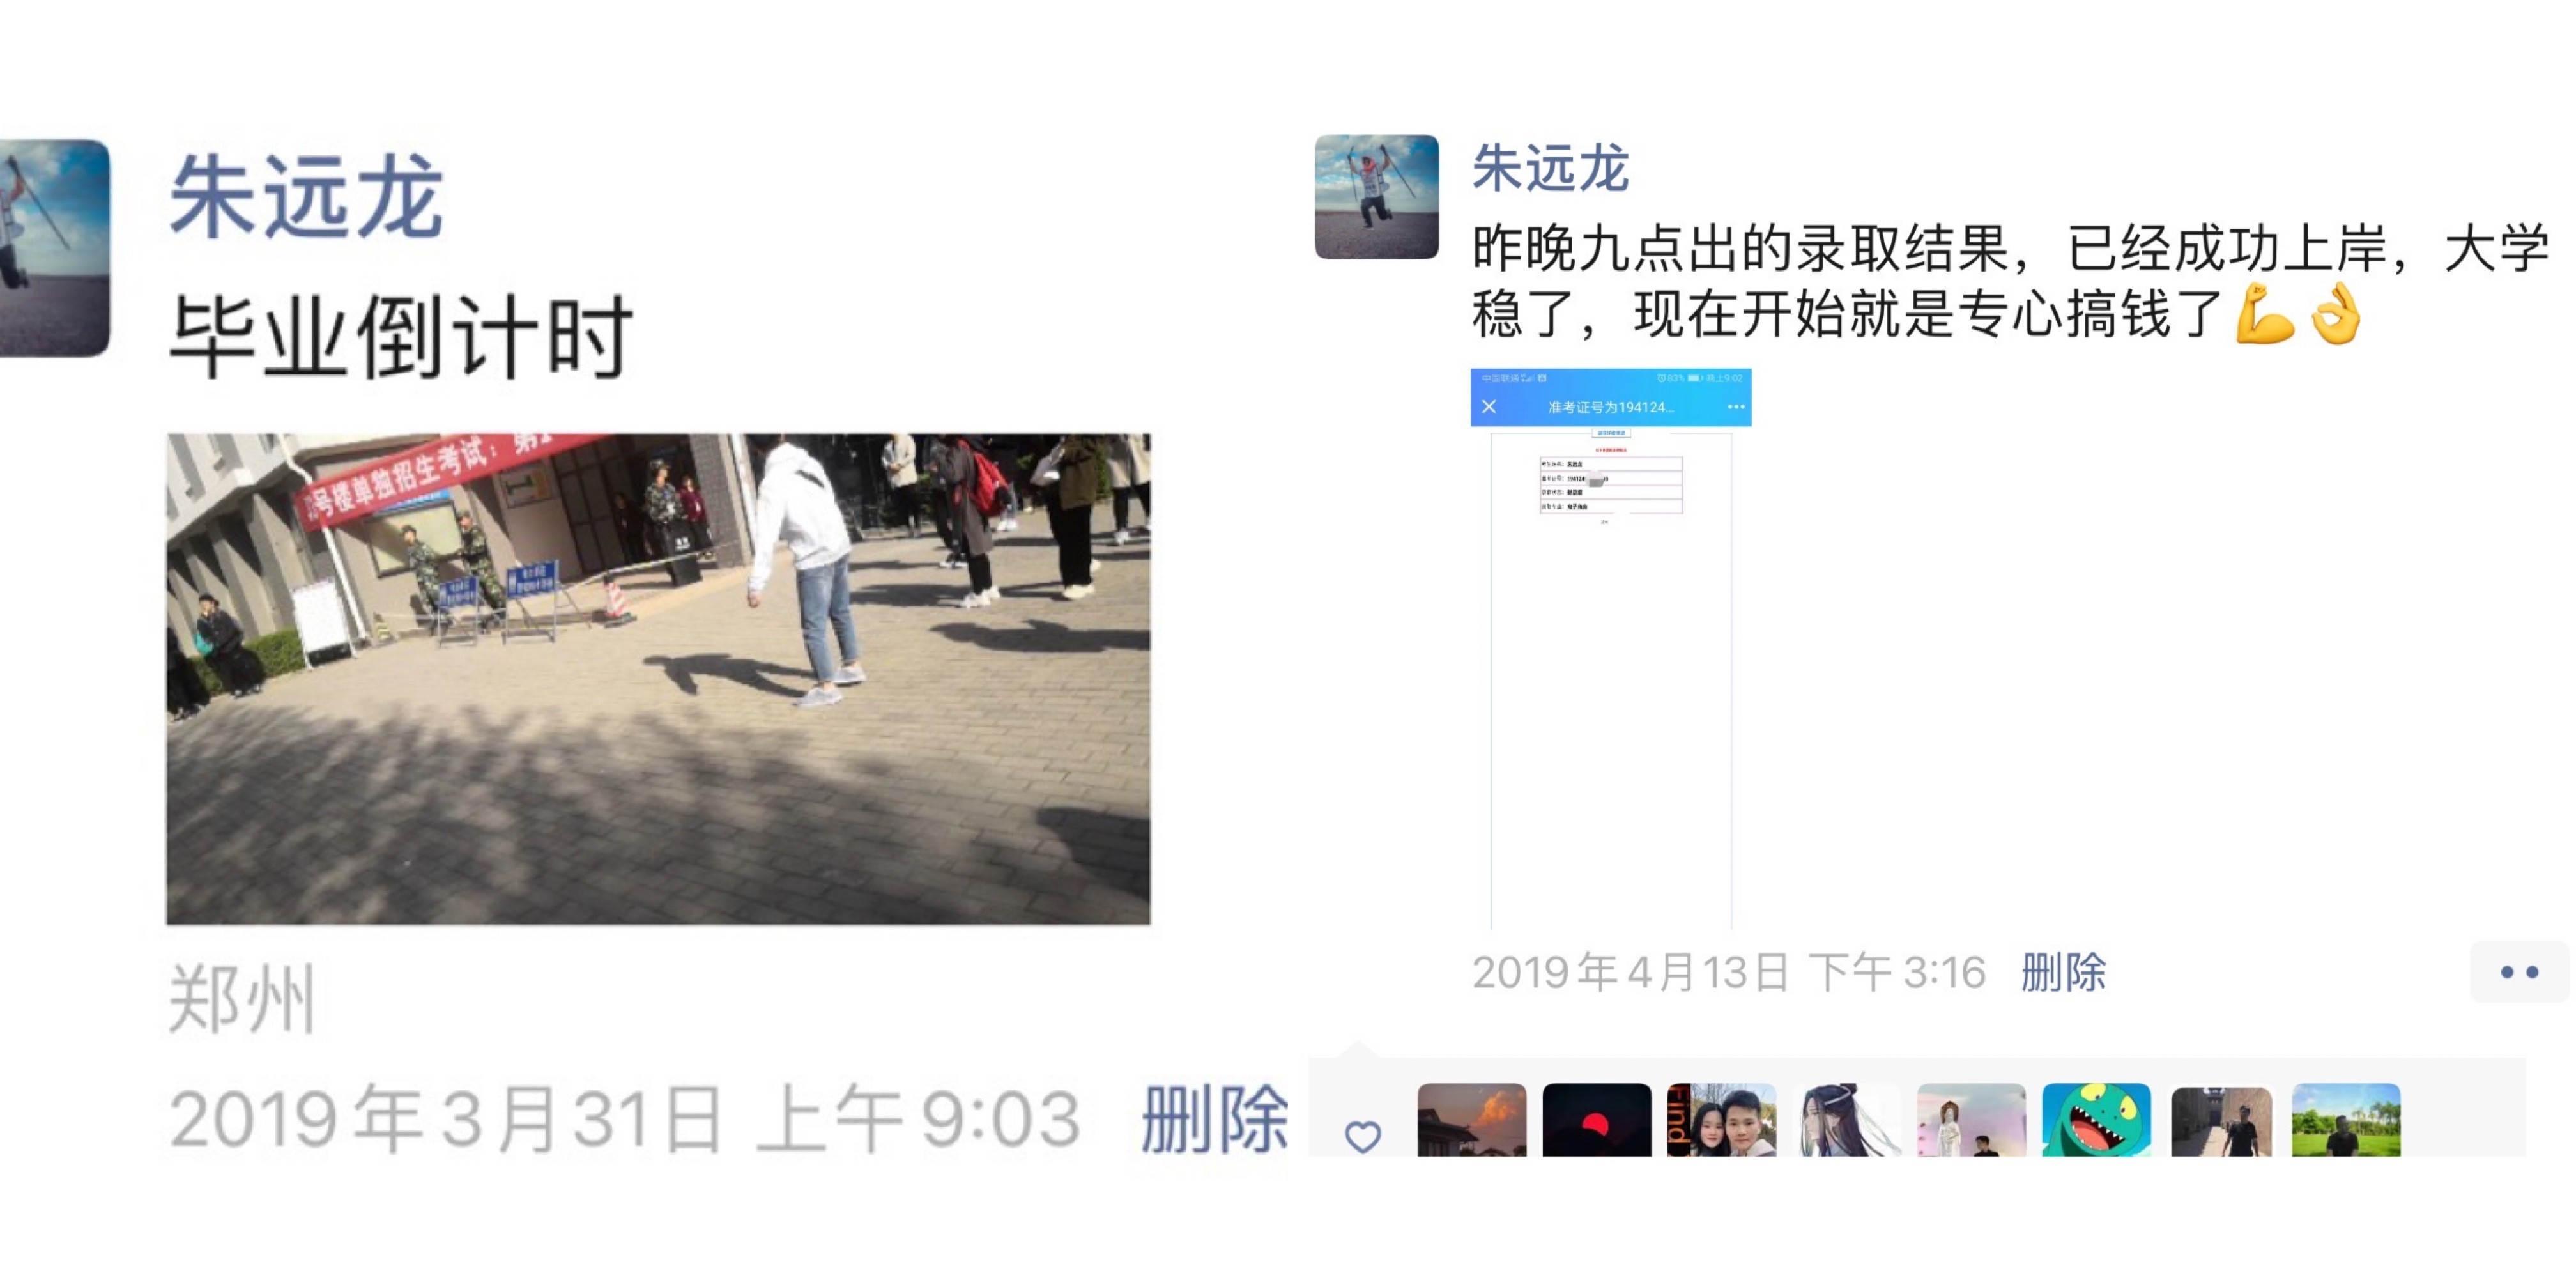 朱远龙结缘28推的故事